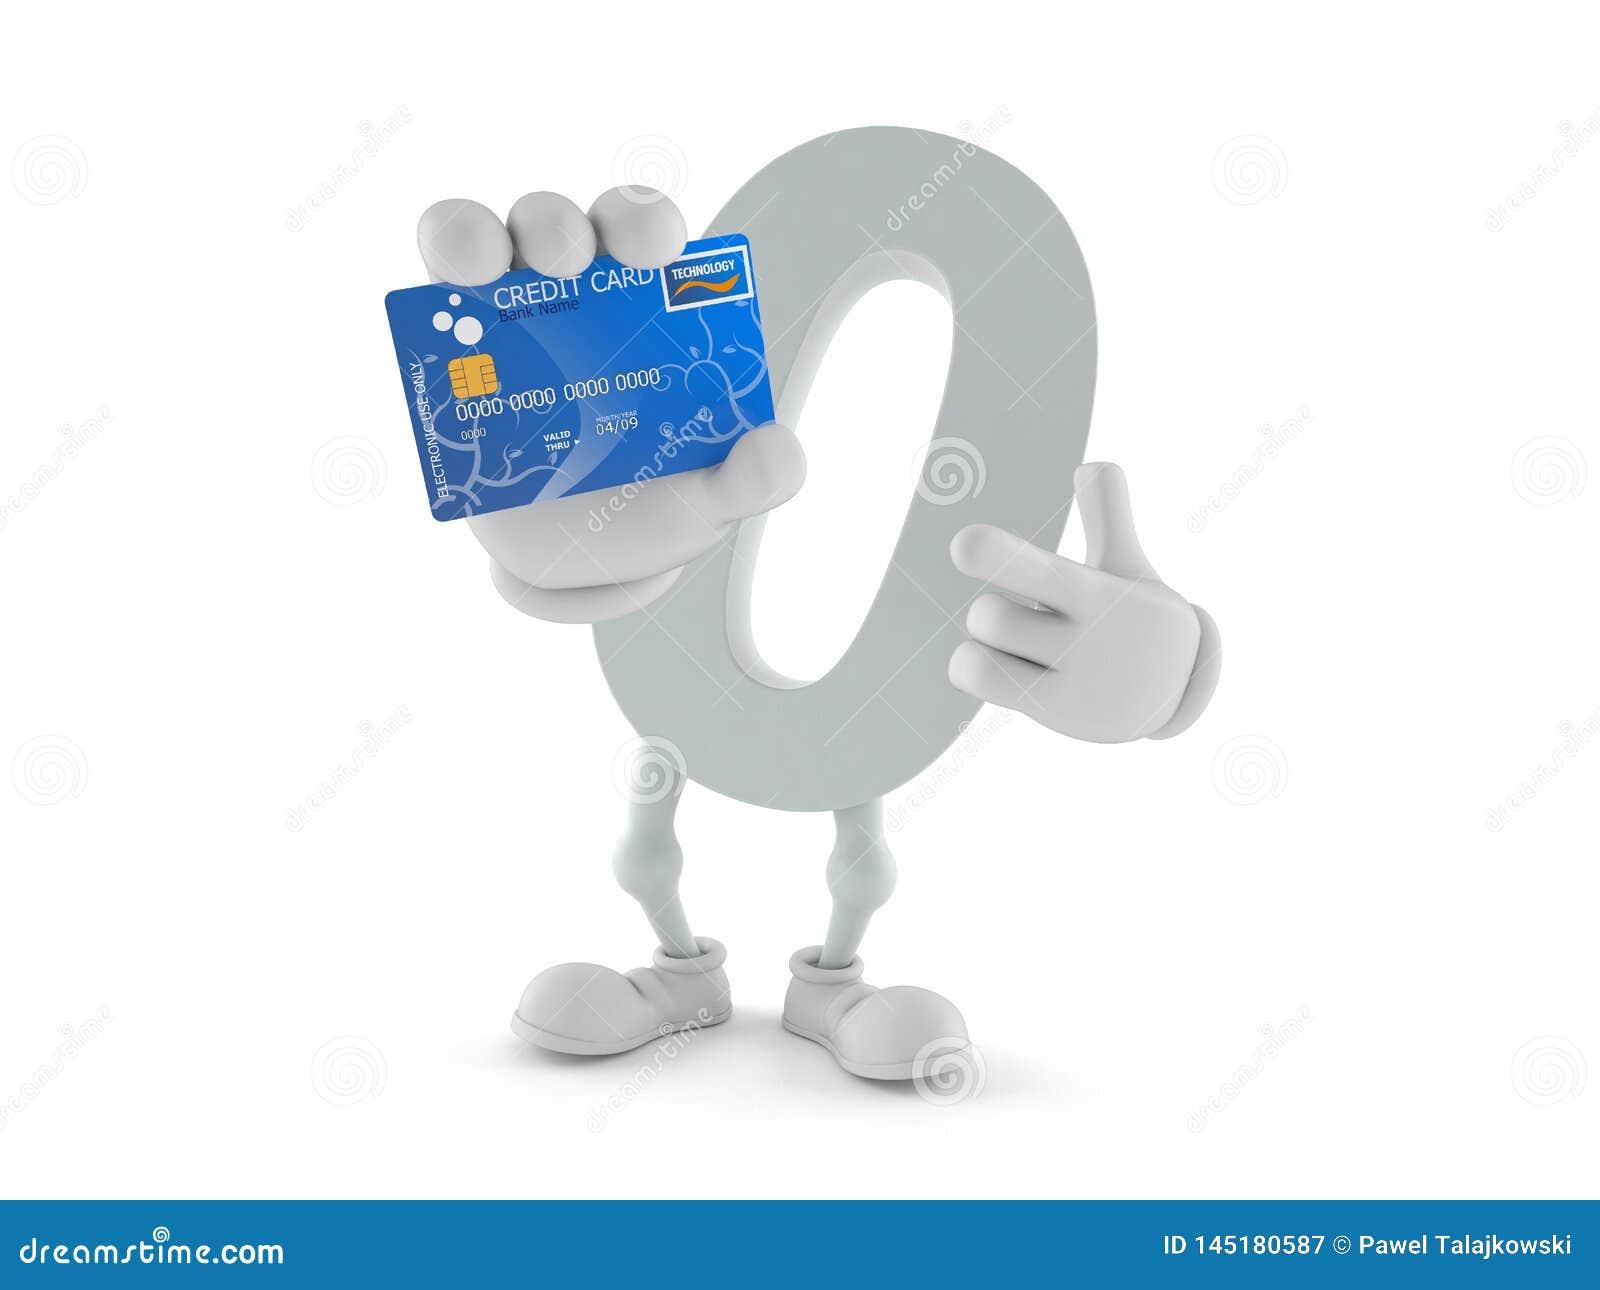 Μηά πιστωτική κάρτα εκμετάλλευσης χαρακτήρα